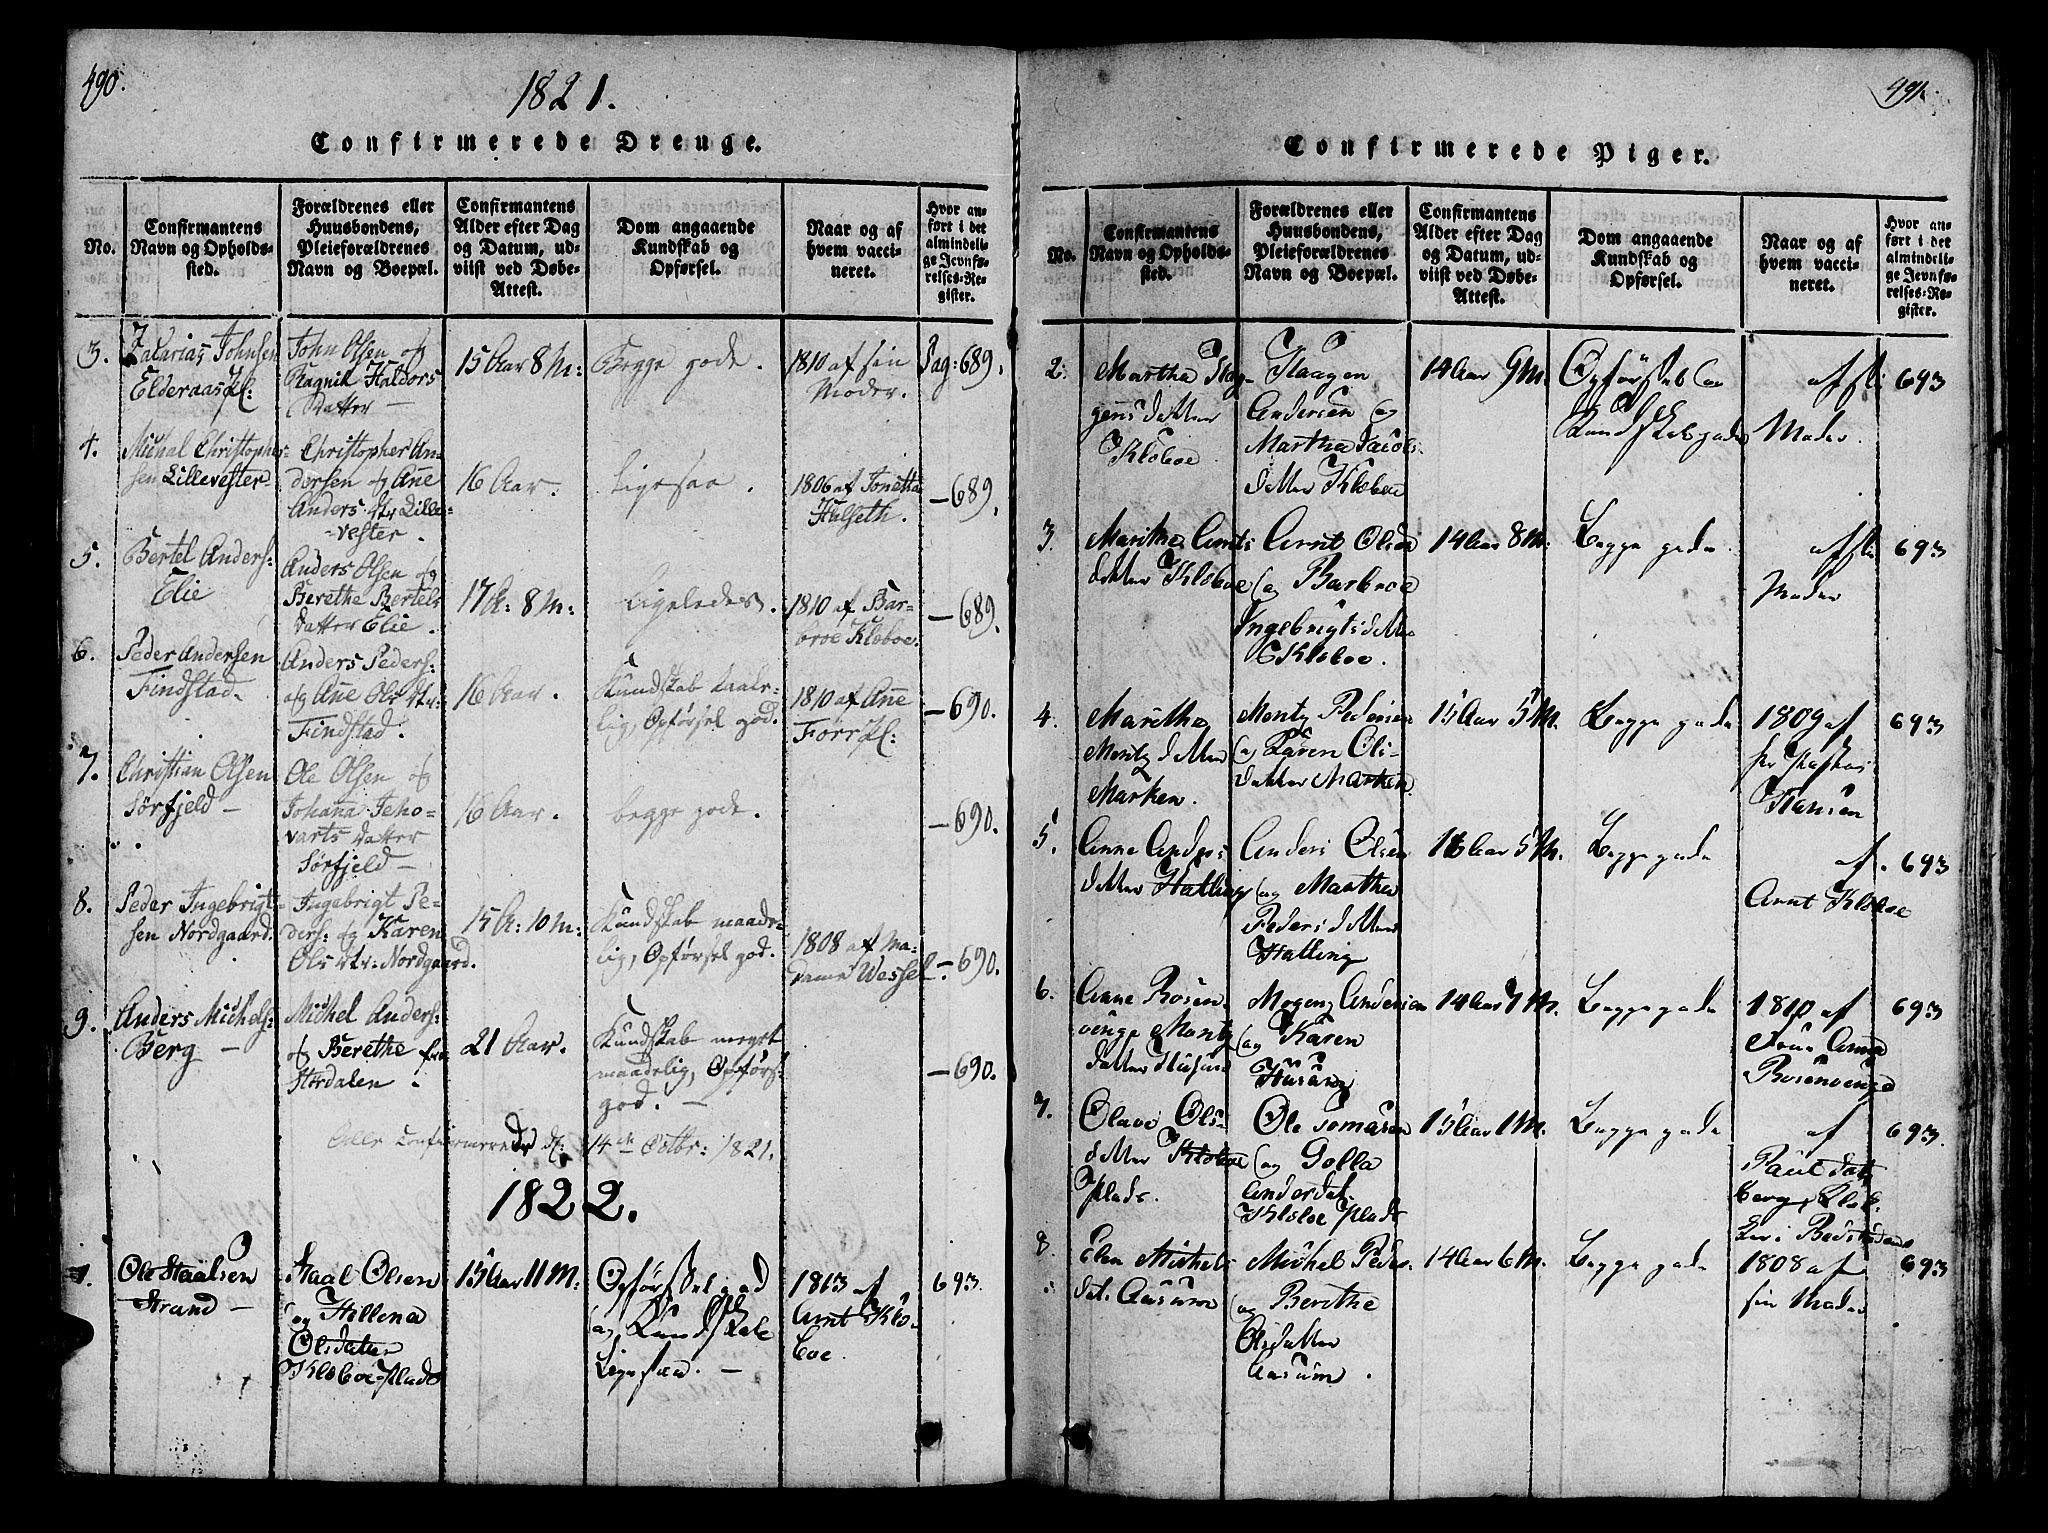 SAT, Ministerialprotokoller, klokkerbøker og fødselsregistre - Nord-Trøndelag, 746/L0441: Ministerialbok nr. 746A03 /1, 1816-1827, s. 490-491